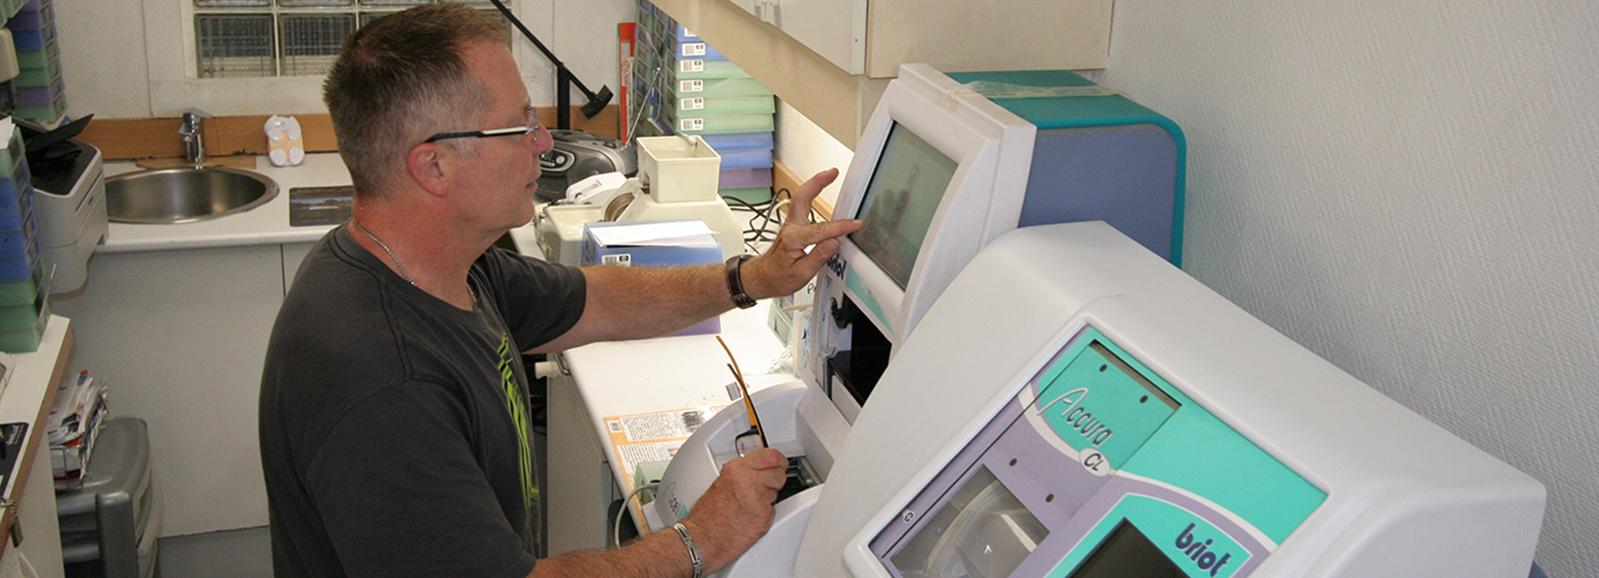 magasin confort optique Pascal Guif machine